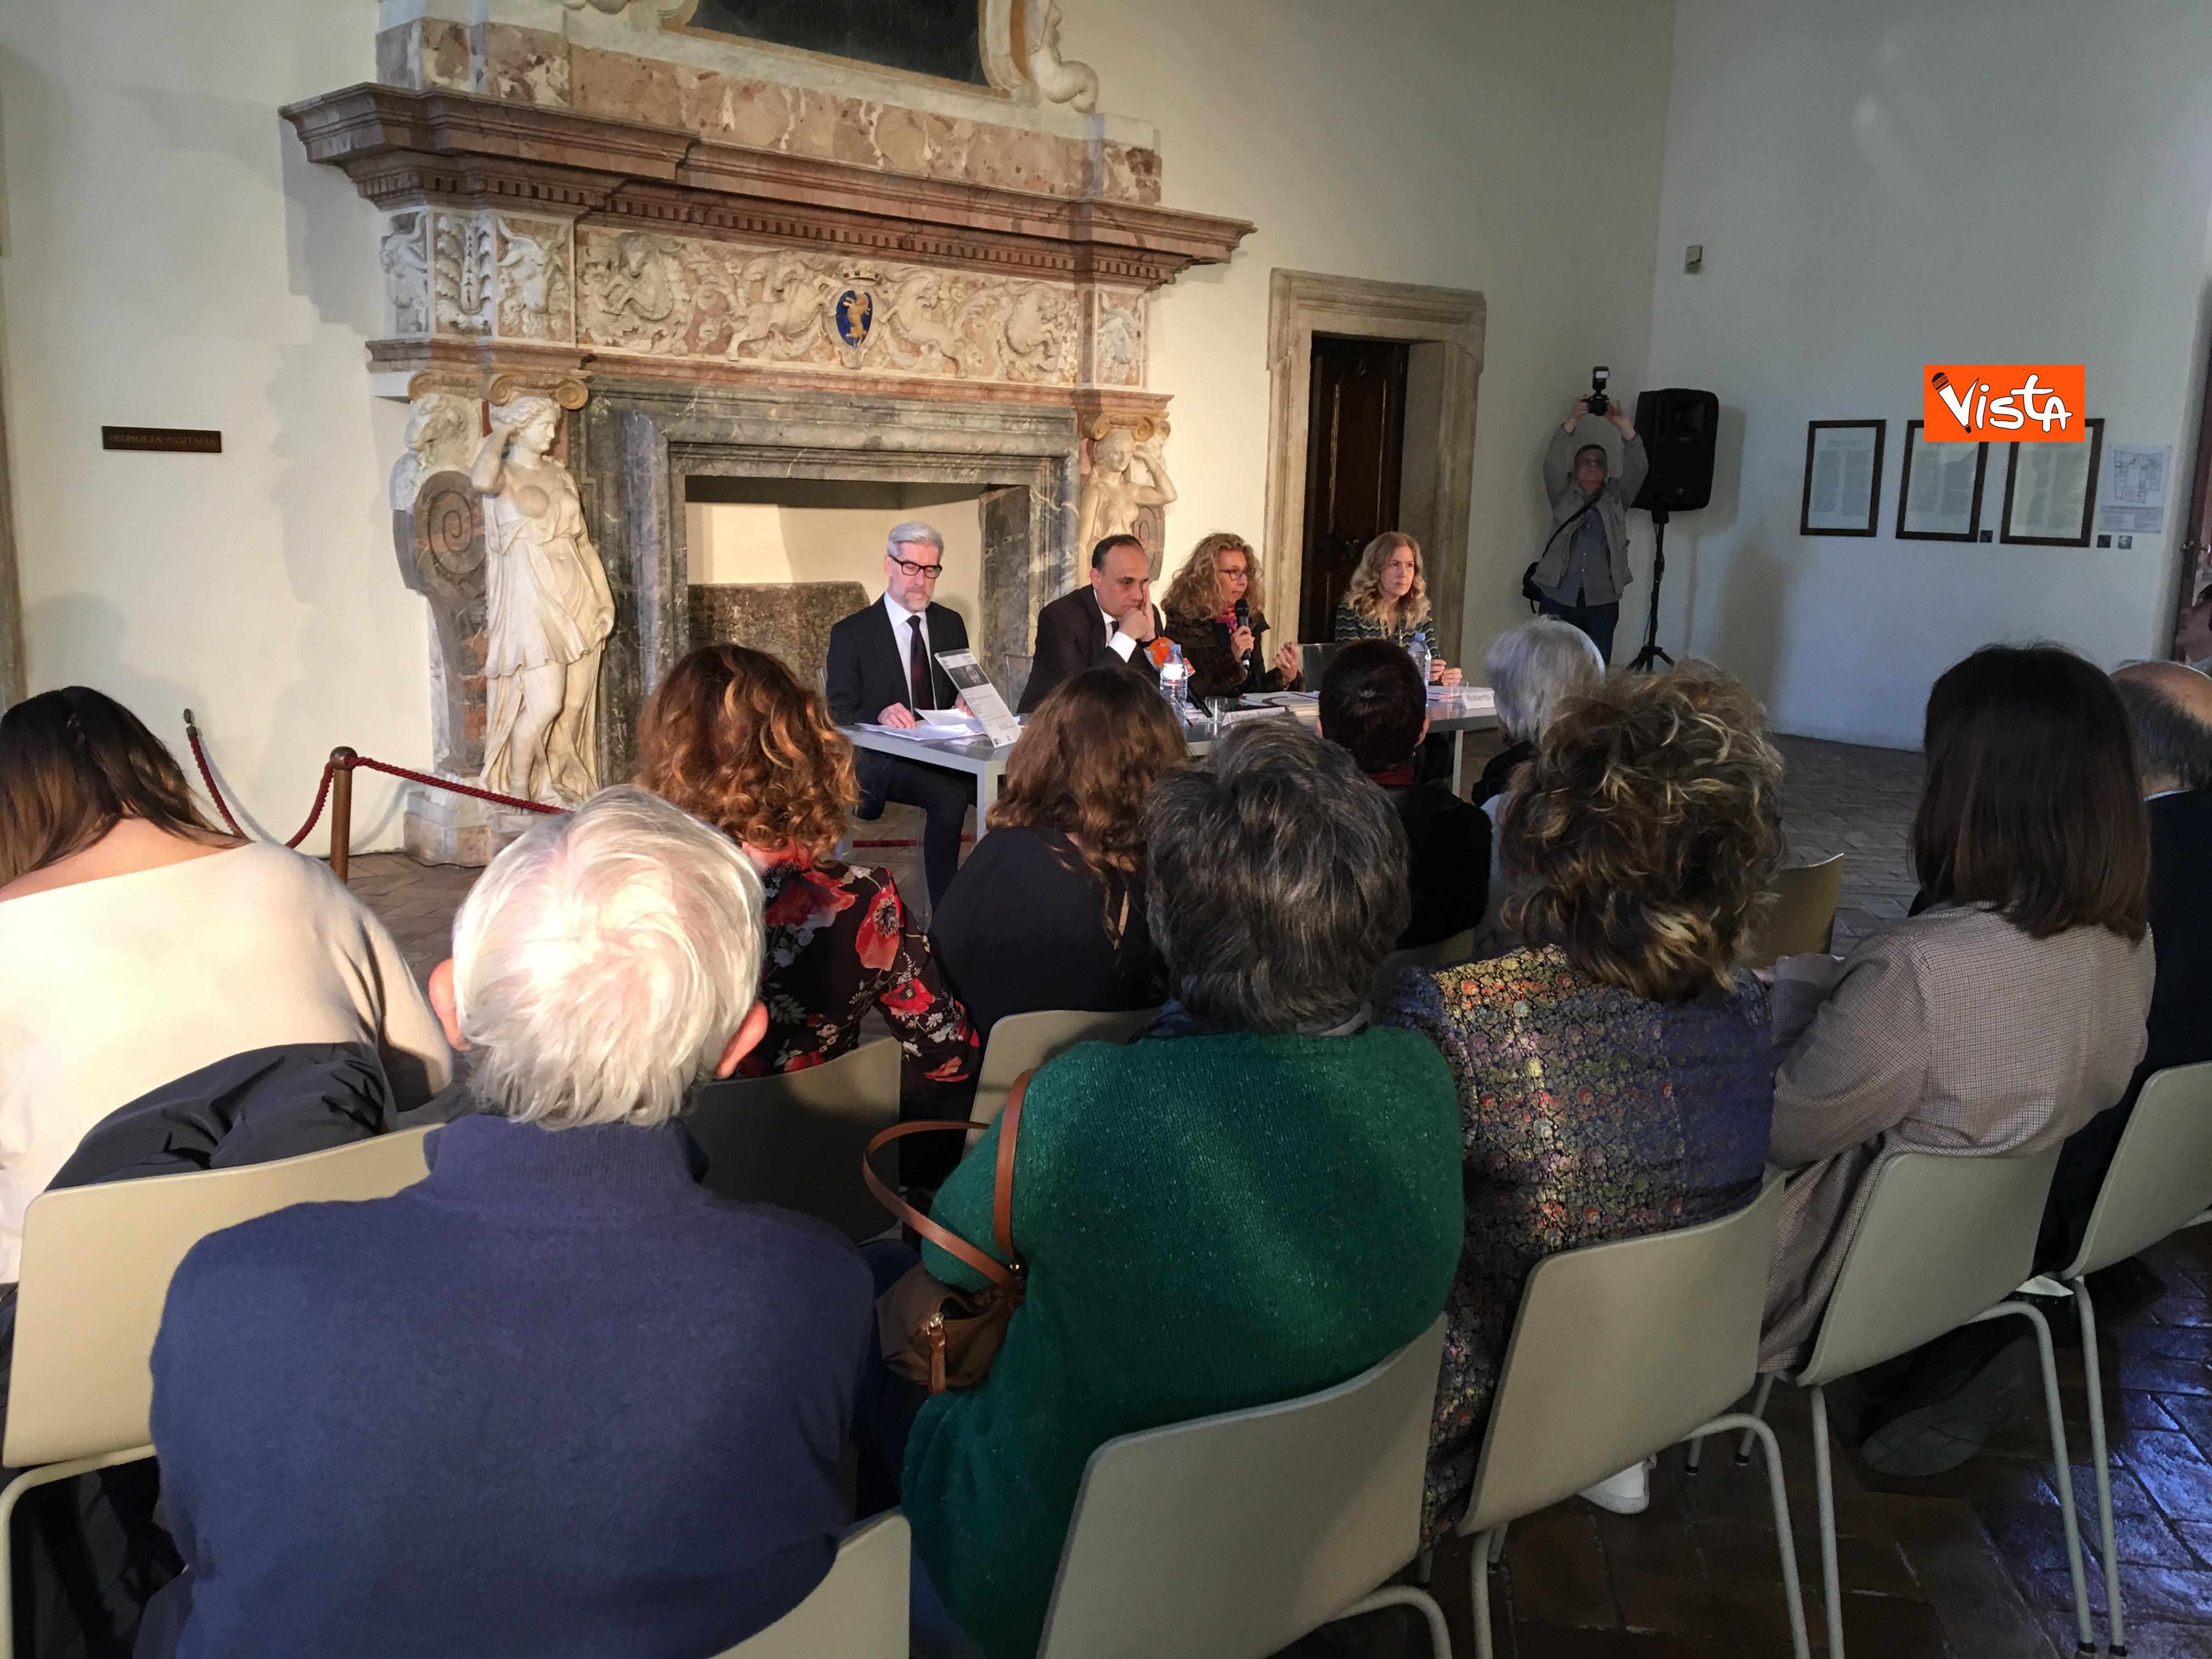 16-05-19 Museo per tutti la presentazione del progetto con Bonisoli a Palazzo Altemps_03